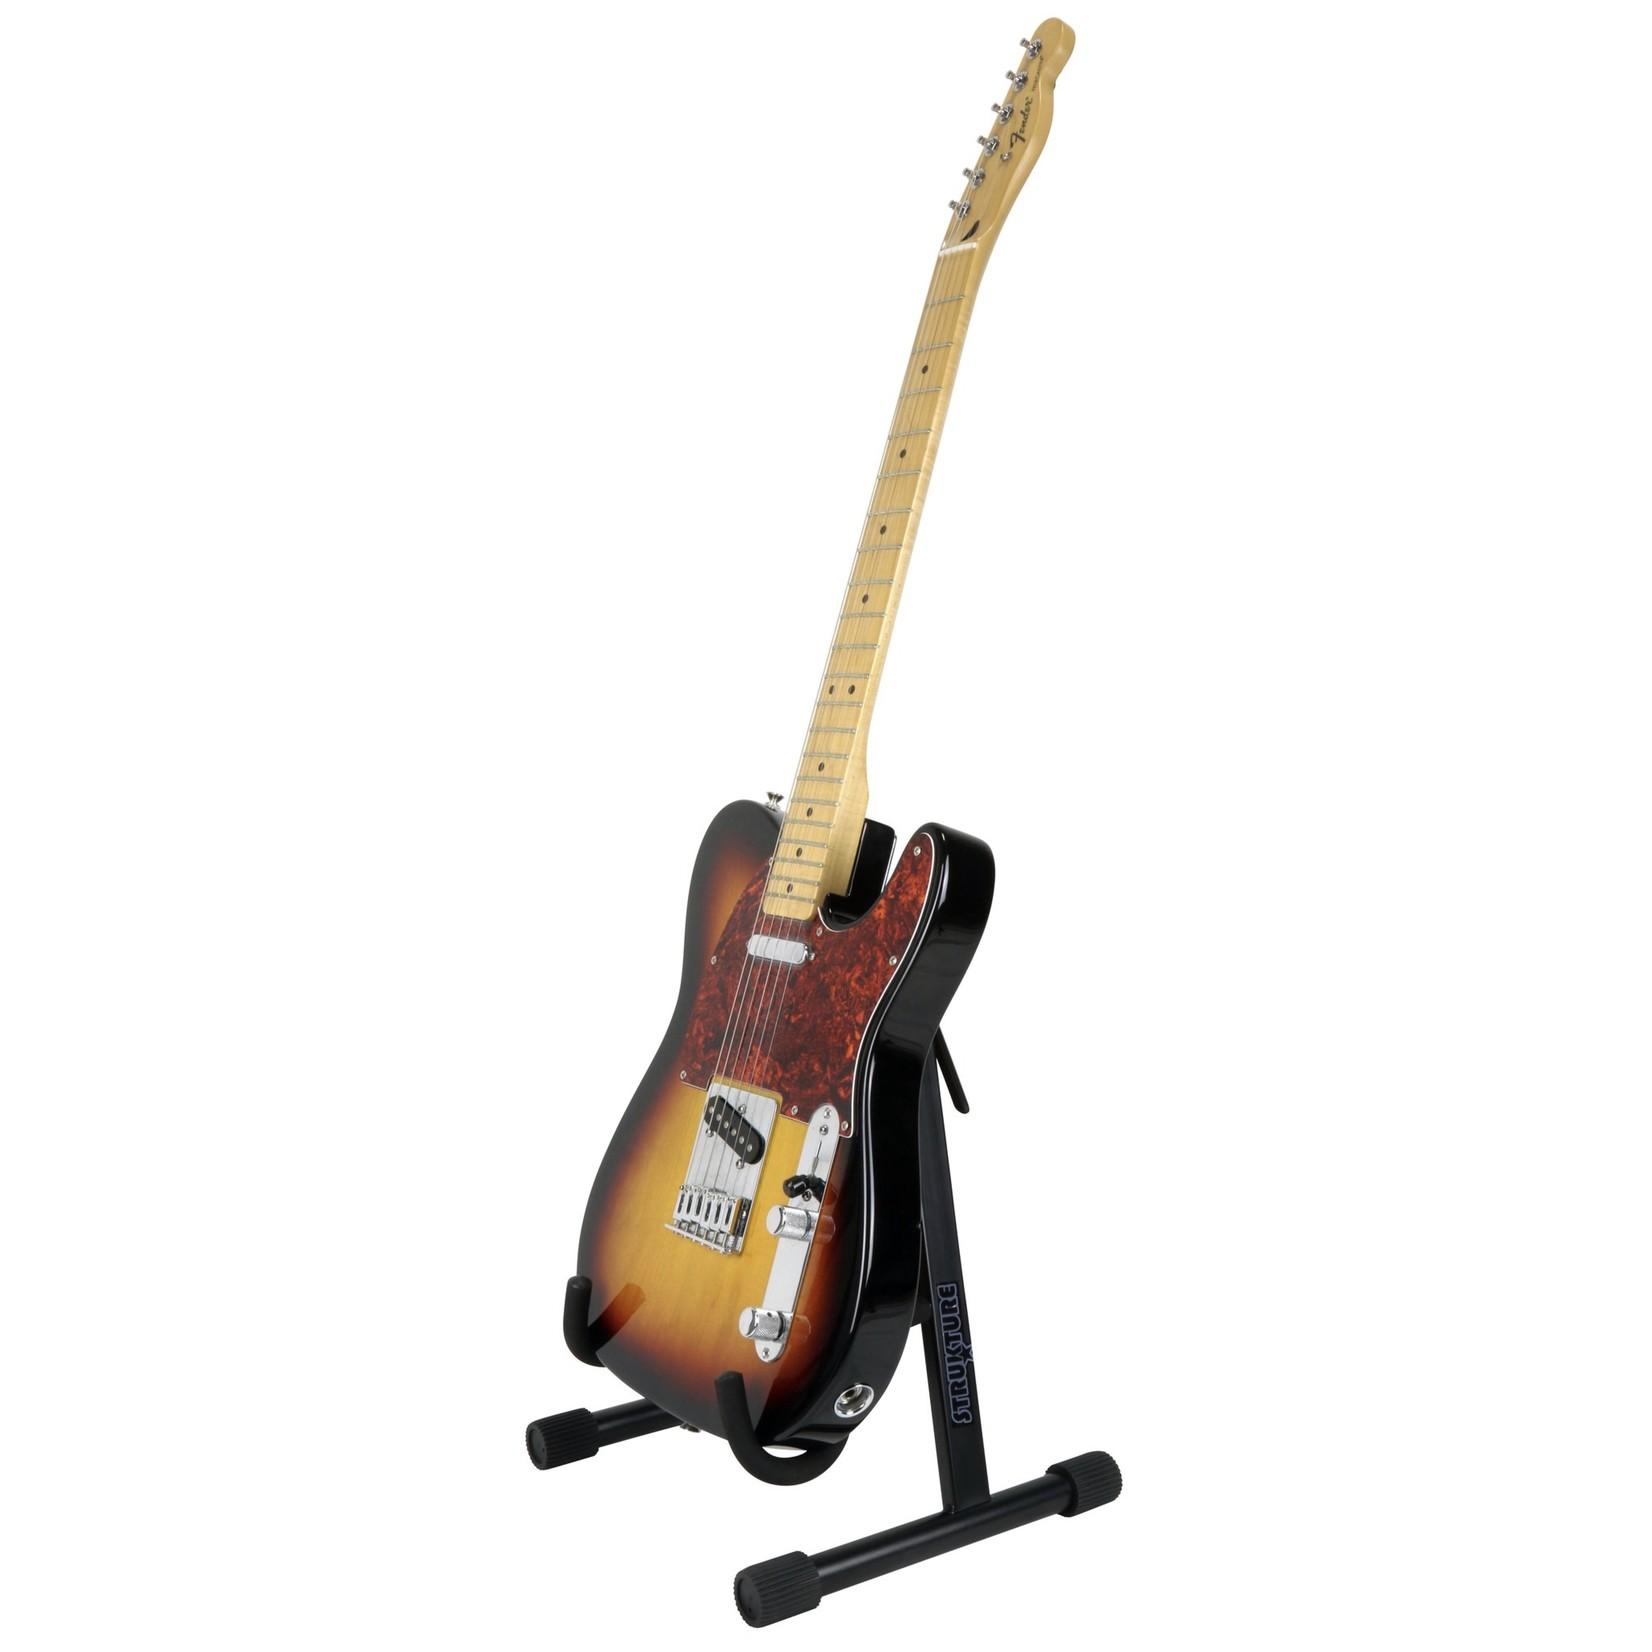 Strukture Strukture A Frame Electric Guitar Stand, Black